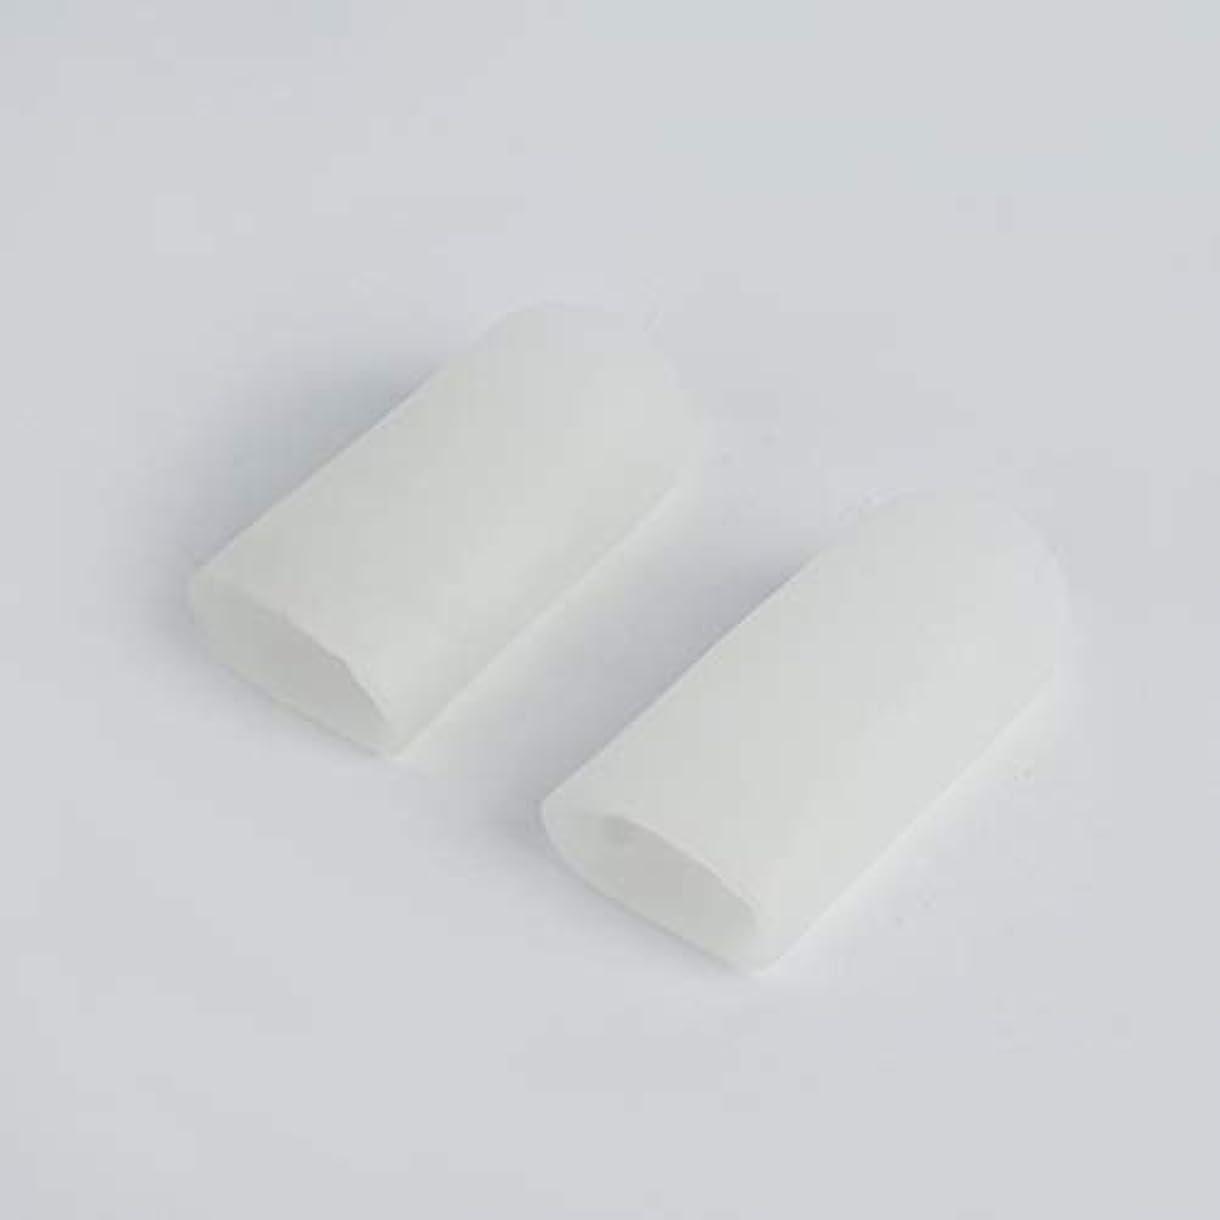 愛されし者手つかずのバブルOpen Toe Tubes Gel Lined Fabric Sleeve Protectors To Prevent Corns, Calluses And Blisters While Softening And...